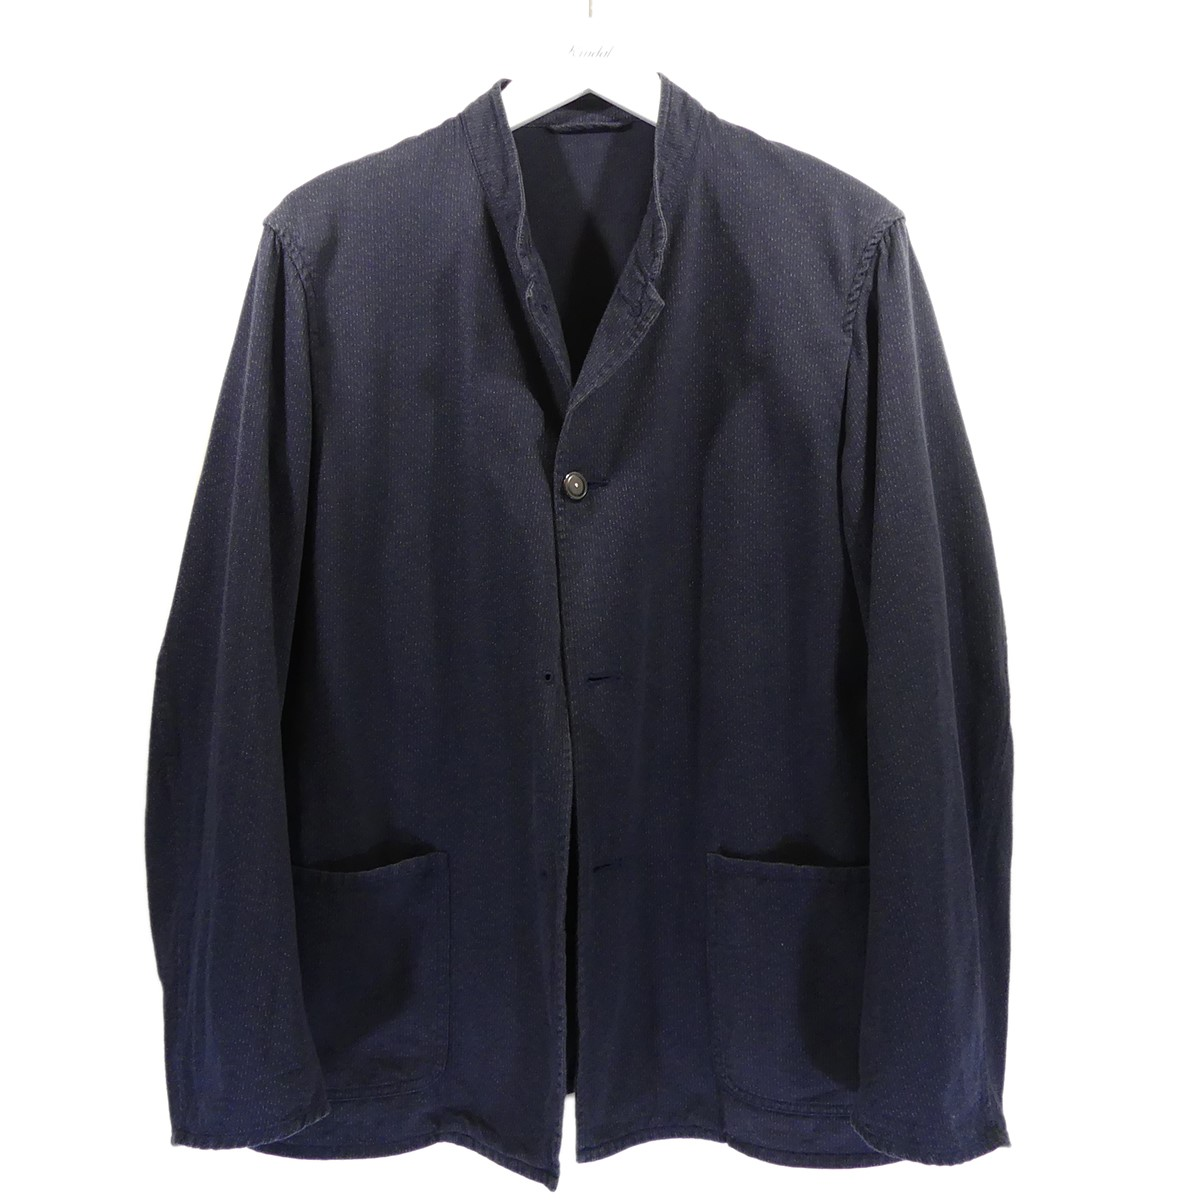 【中古】COMOLI 2016SS スタンドカラージャケット ネイビー サイズ:3 【210720】(コモリ)